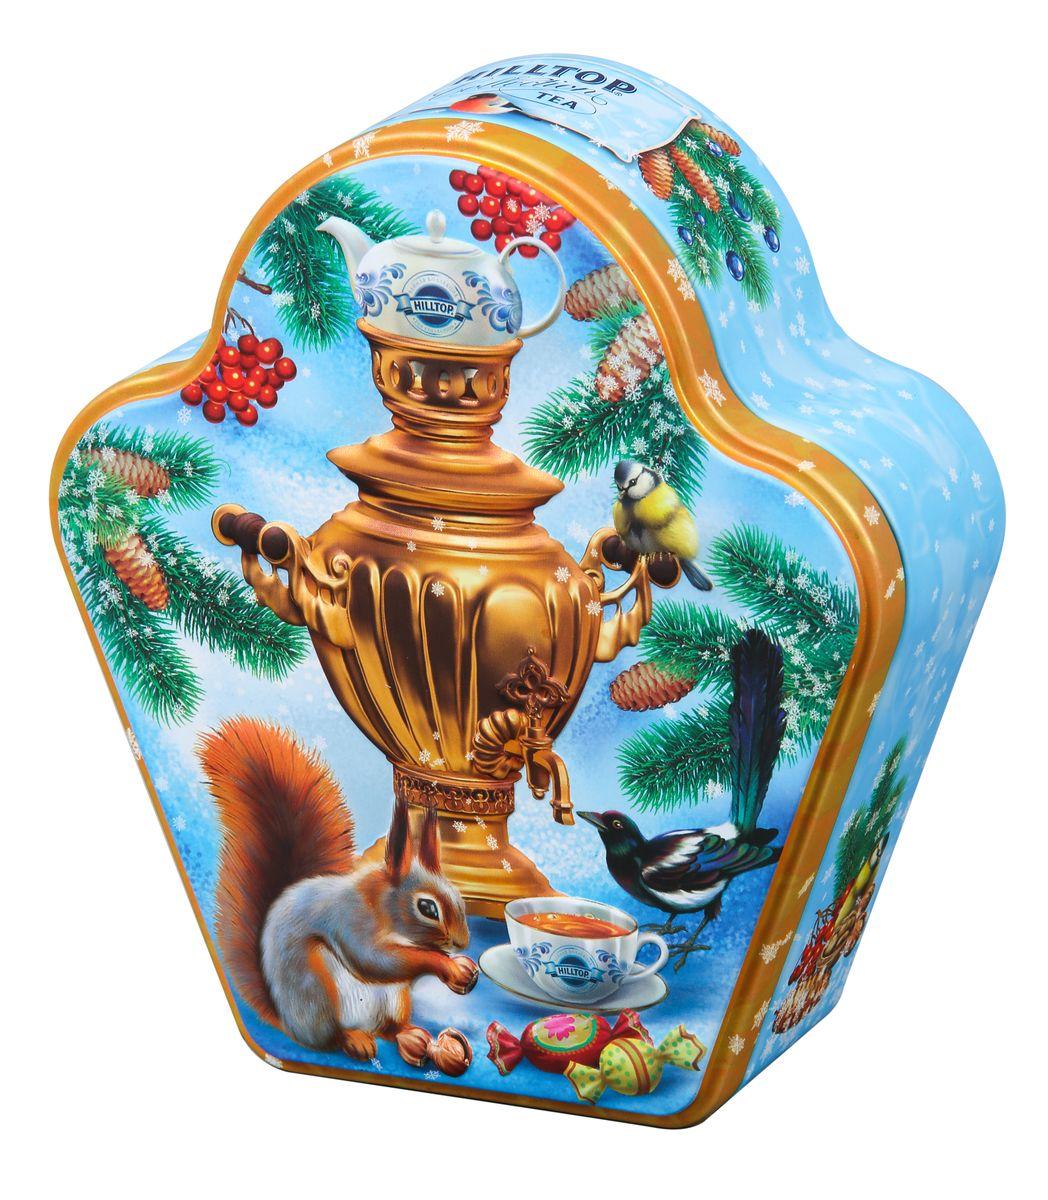 Hilltop Зимнее чаепитие черный листовой чай, 100 г4607099306035Hilltop Зимнее чаепитие - особо крупнолистовой цейлонский черный чай с насыщенным ароматом и терпким вкусом прекрасно тонизирует и согревает в любое время дня! Оригинальный дизайн упаковки с изображением чаепития, которое устроили лесные зверюшки у самовара, развеселит и подарит хорошее настроение всем, кому достанется в подарок этот чай!